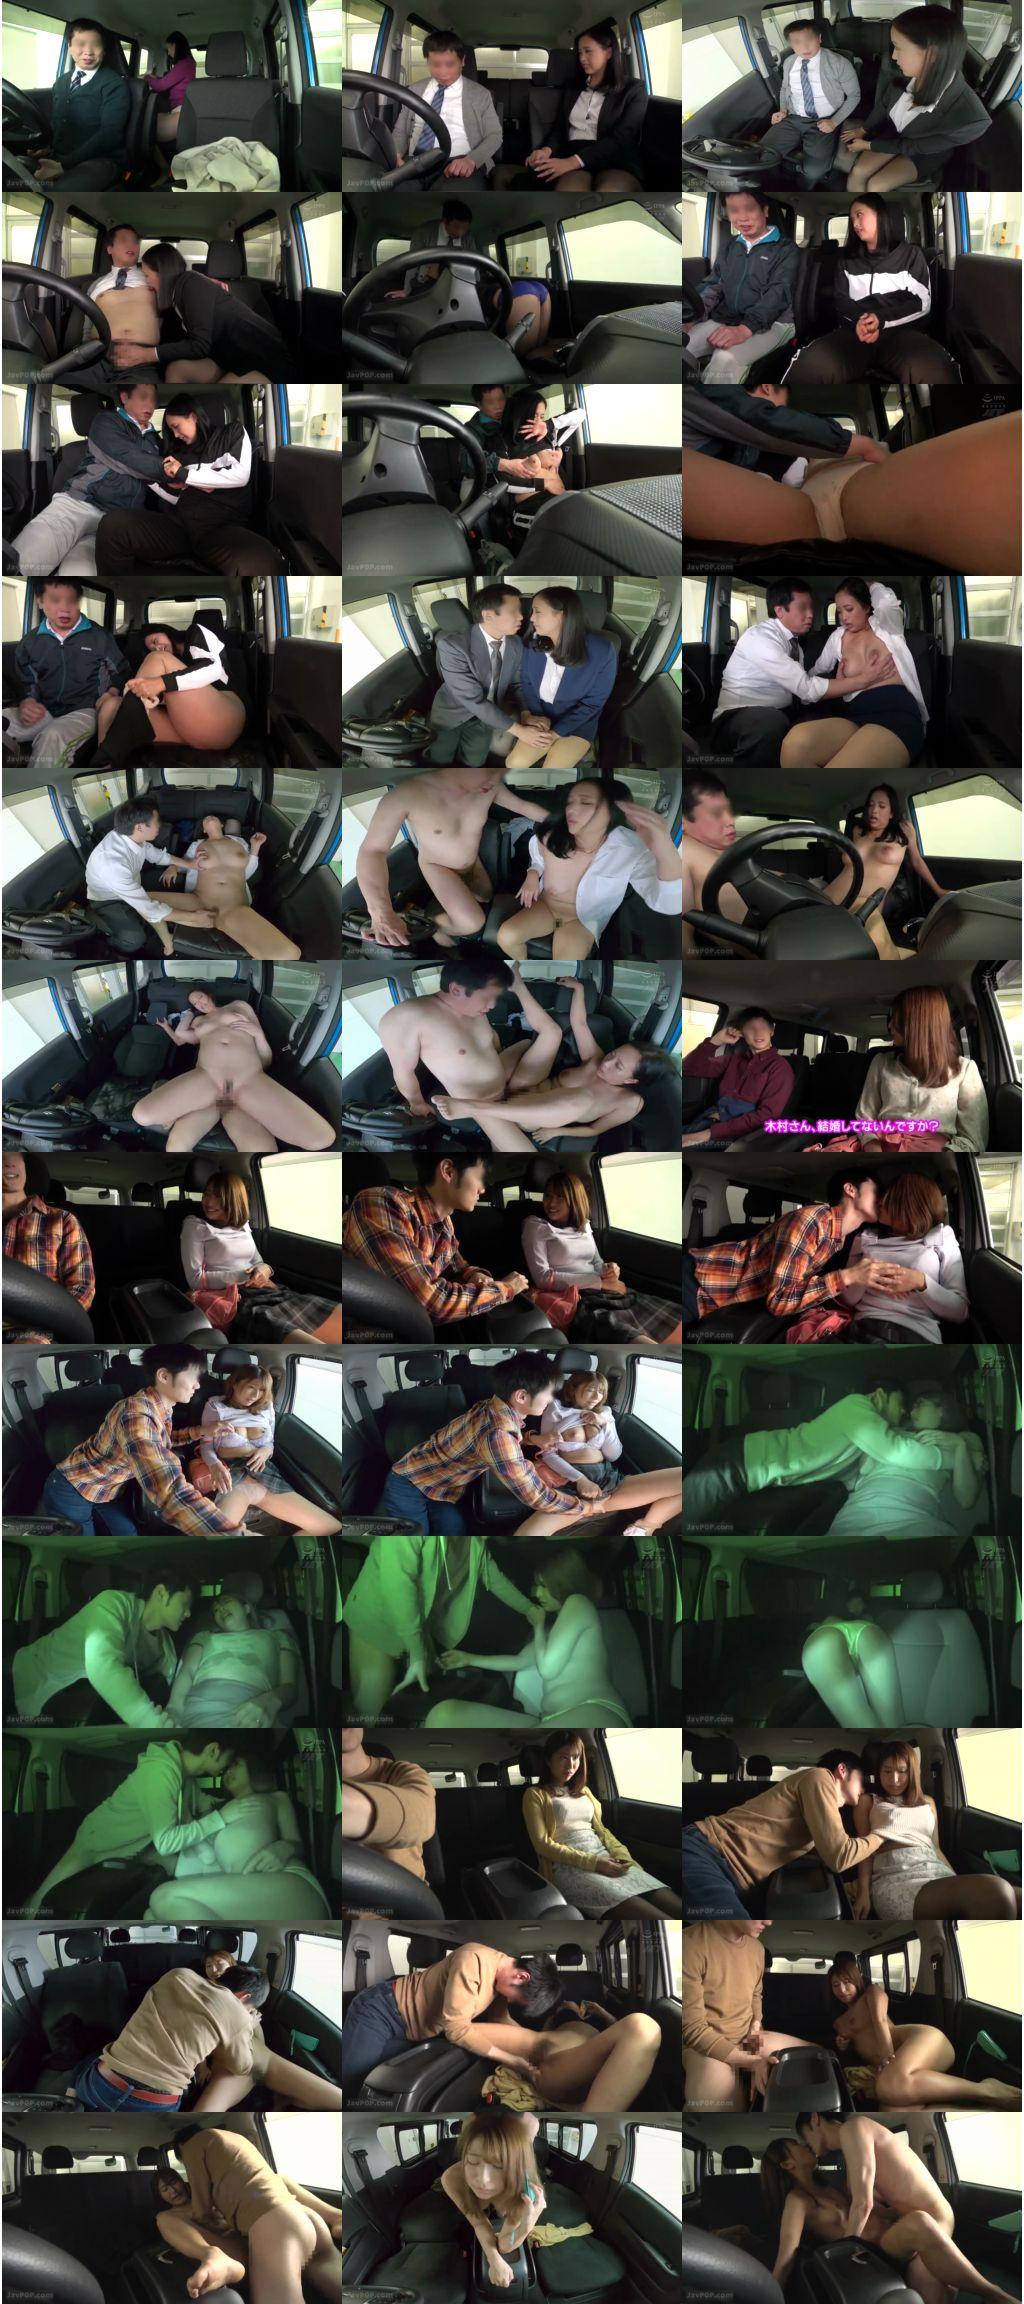 nkkd 204 s - [NKKD-204] ドラレコNTR18 車載カメラは見ていたねとられの一部始終を Huge Butt 星優香 Ultra-Huge Tits  卍GROUP